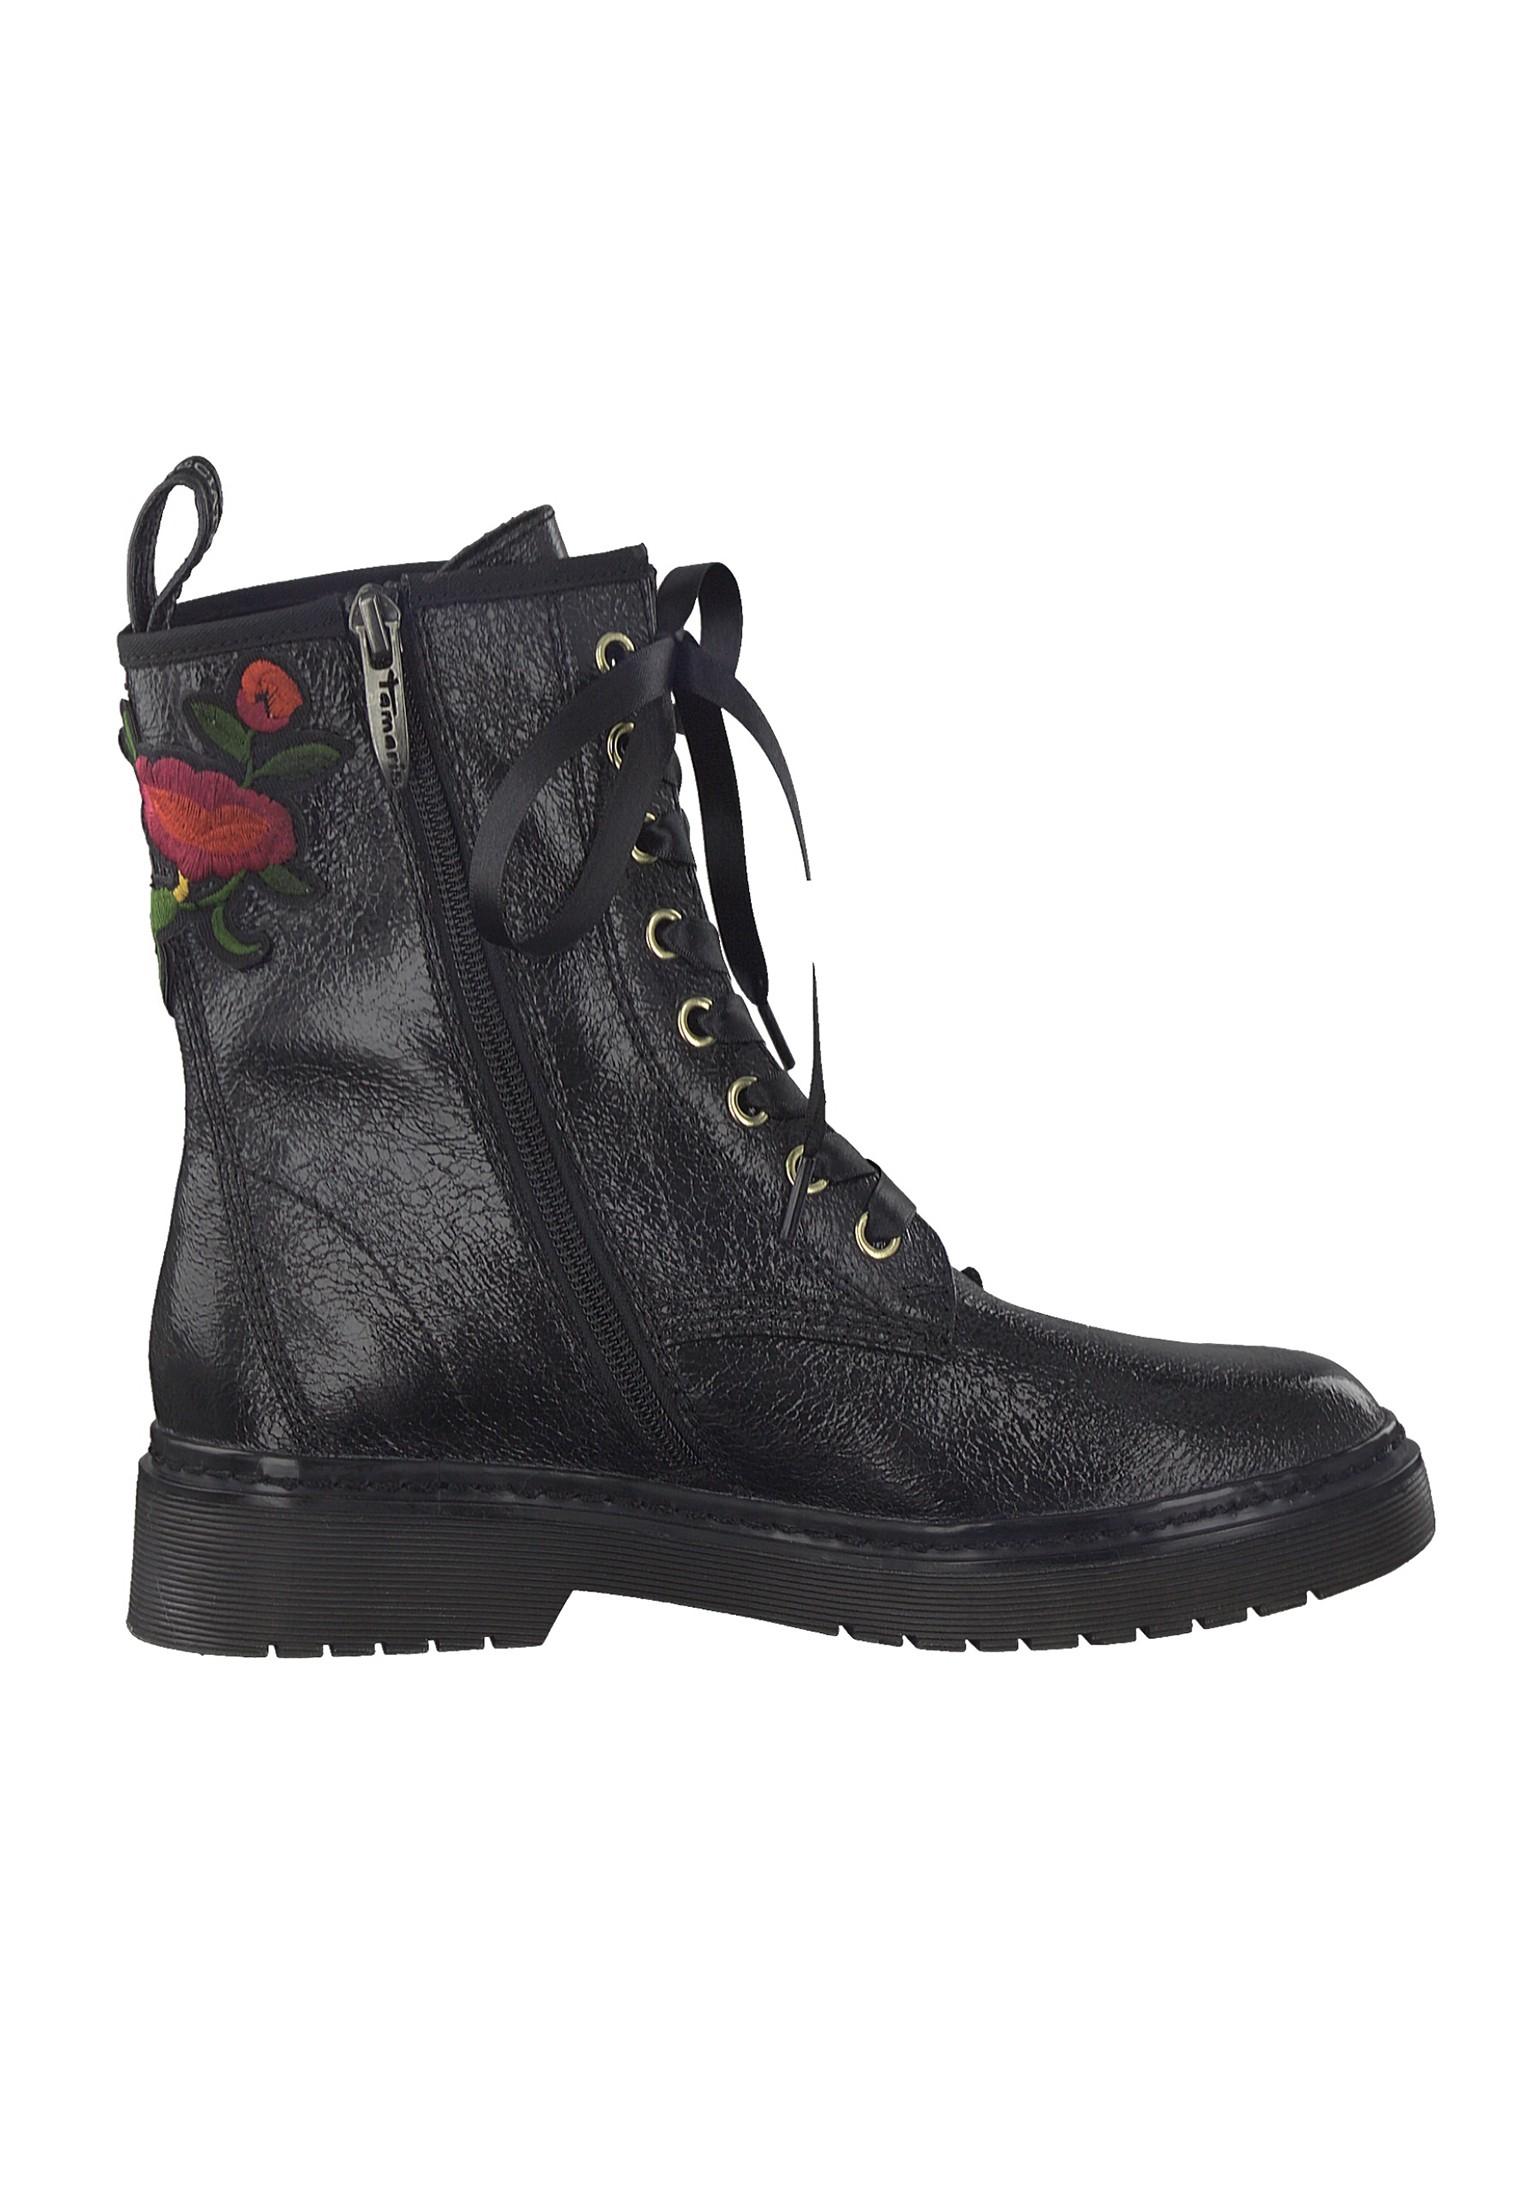 Tamaris Schnürstiefelette Lace Up Boots mit TOUCH IT Sohle Schwarz mit Blumenmuster 1 25738 39 001 Black